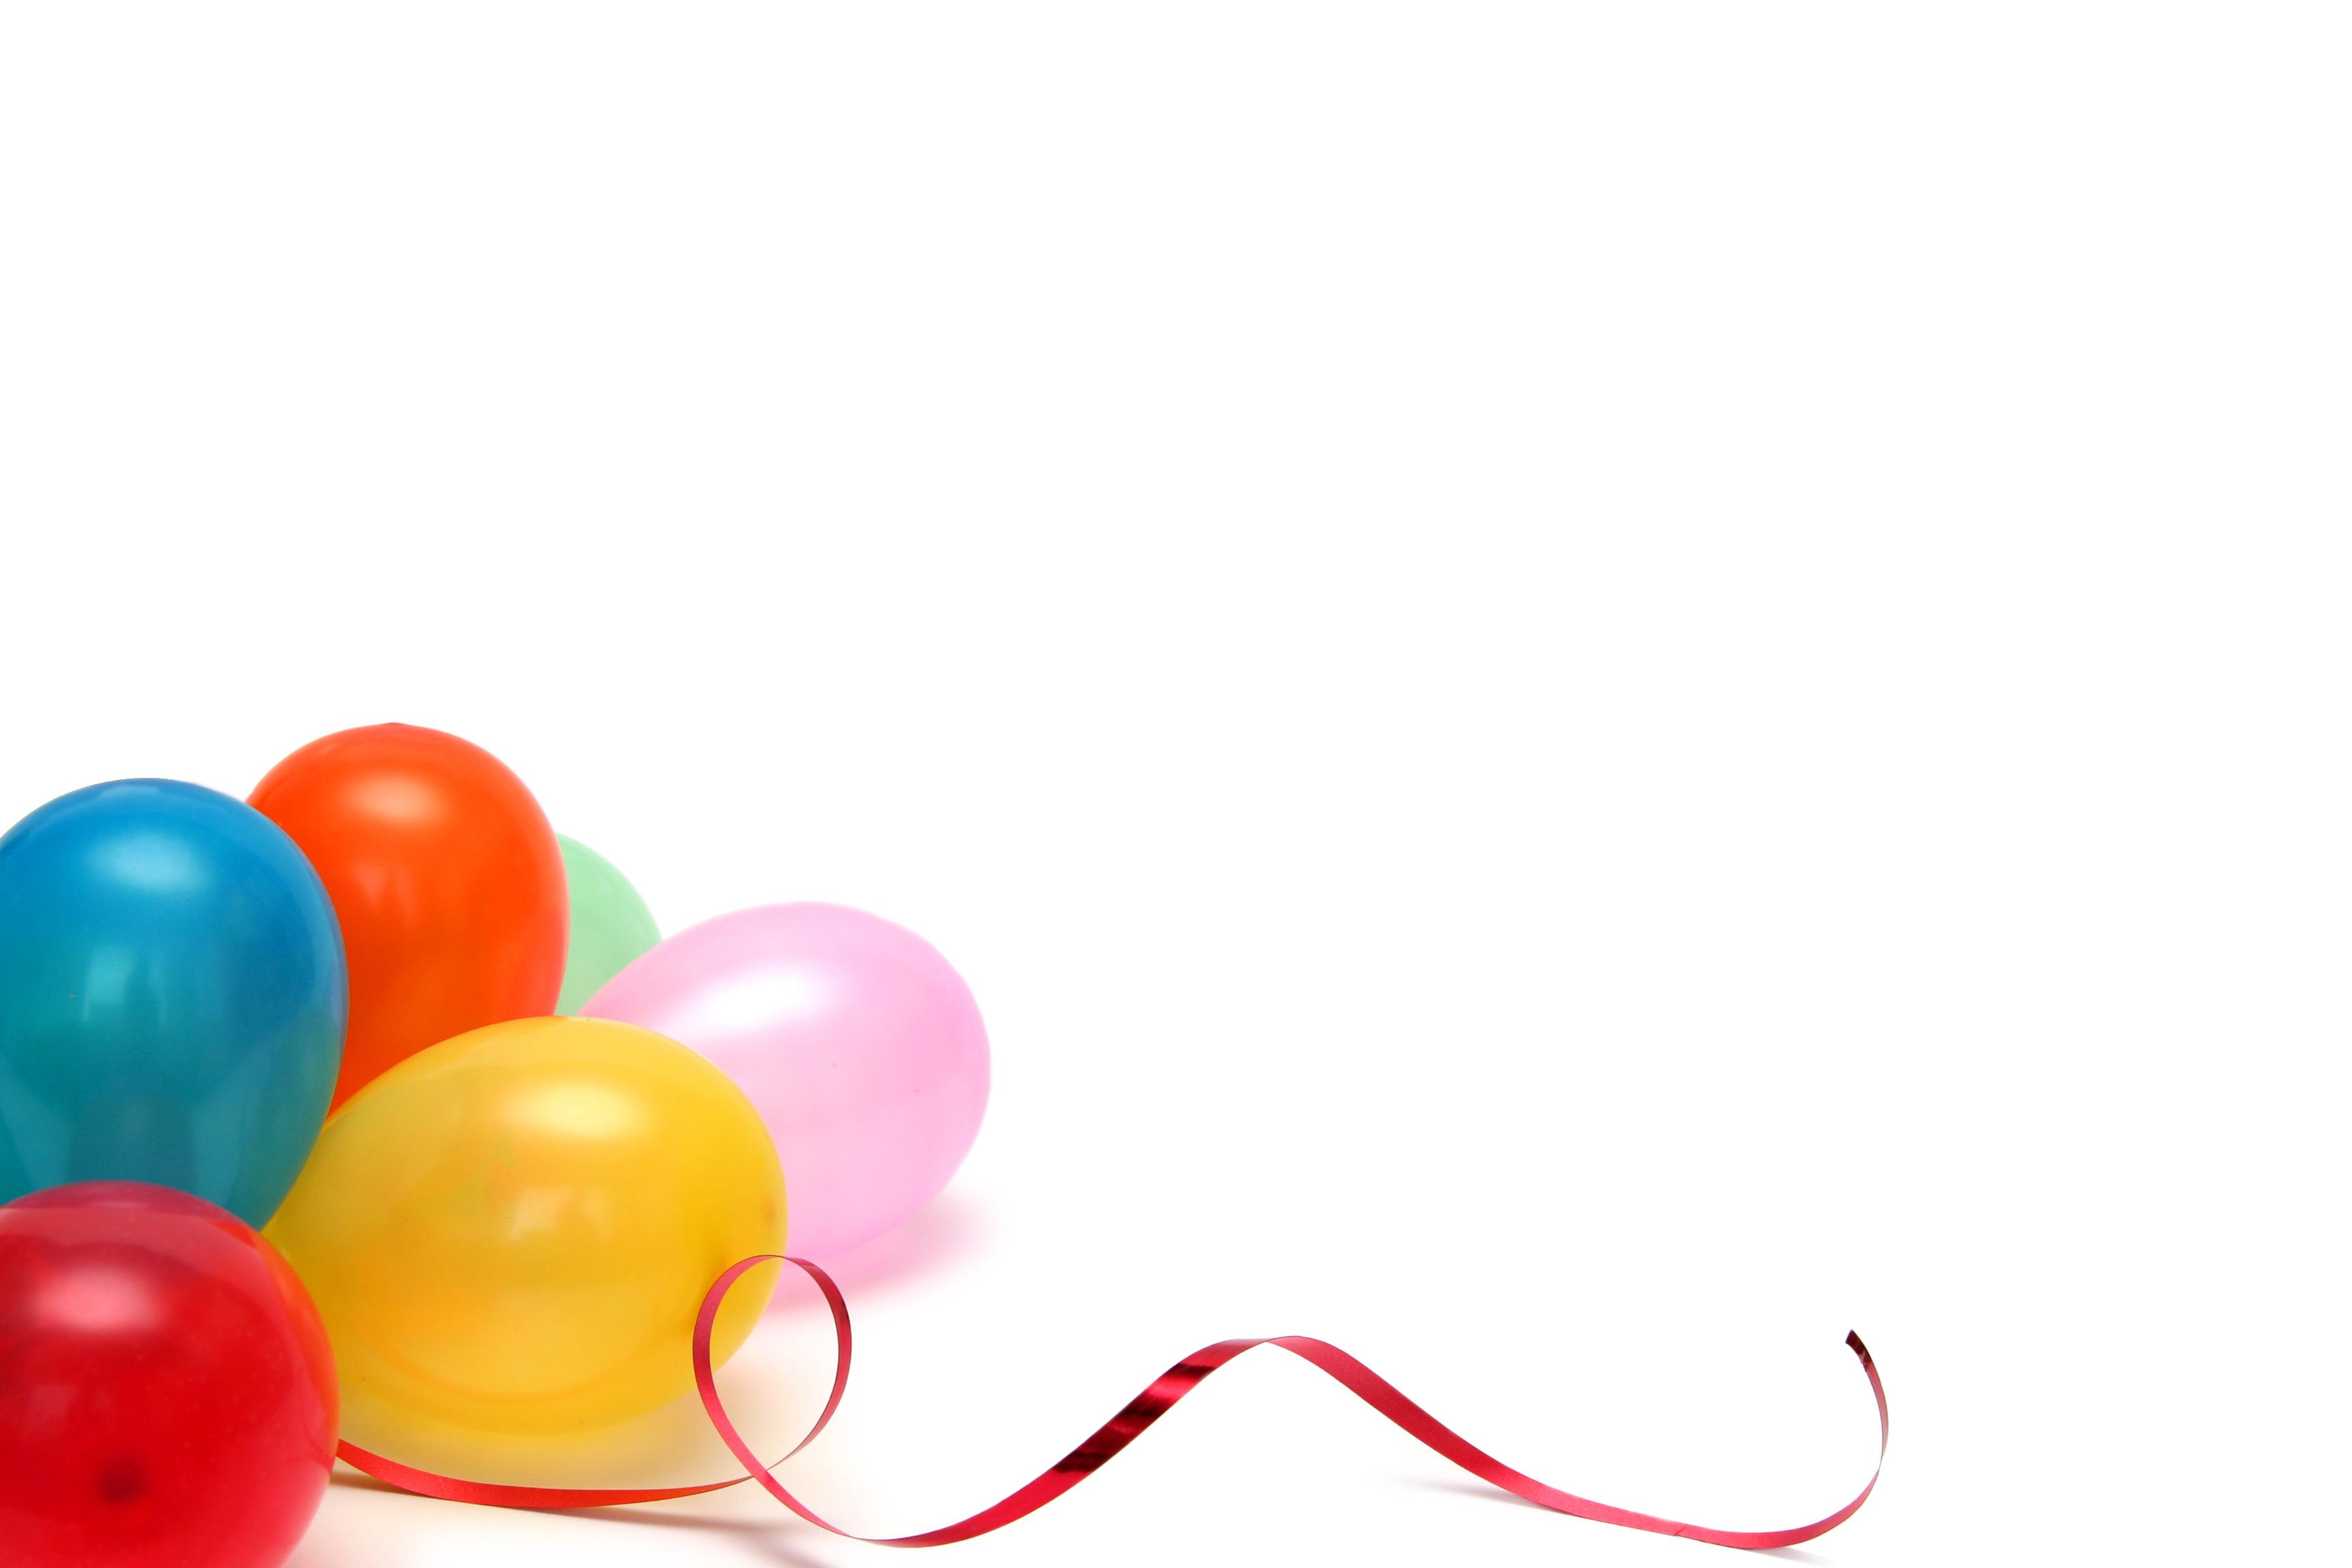 Pomysły na prezent dla koleżanki na urodziny